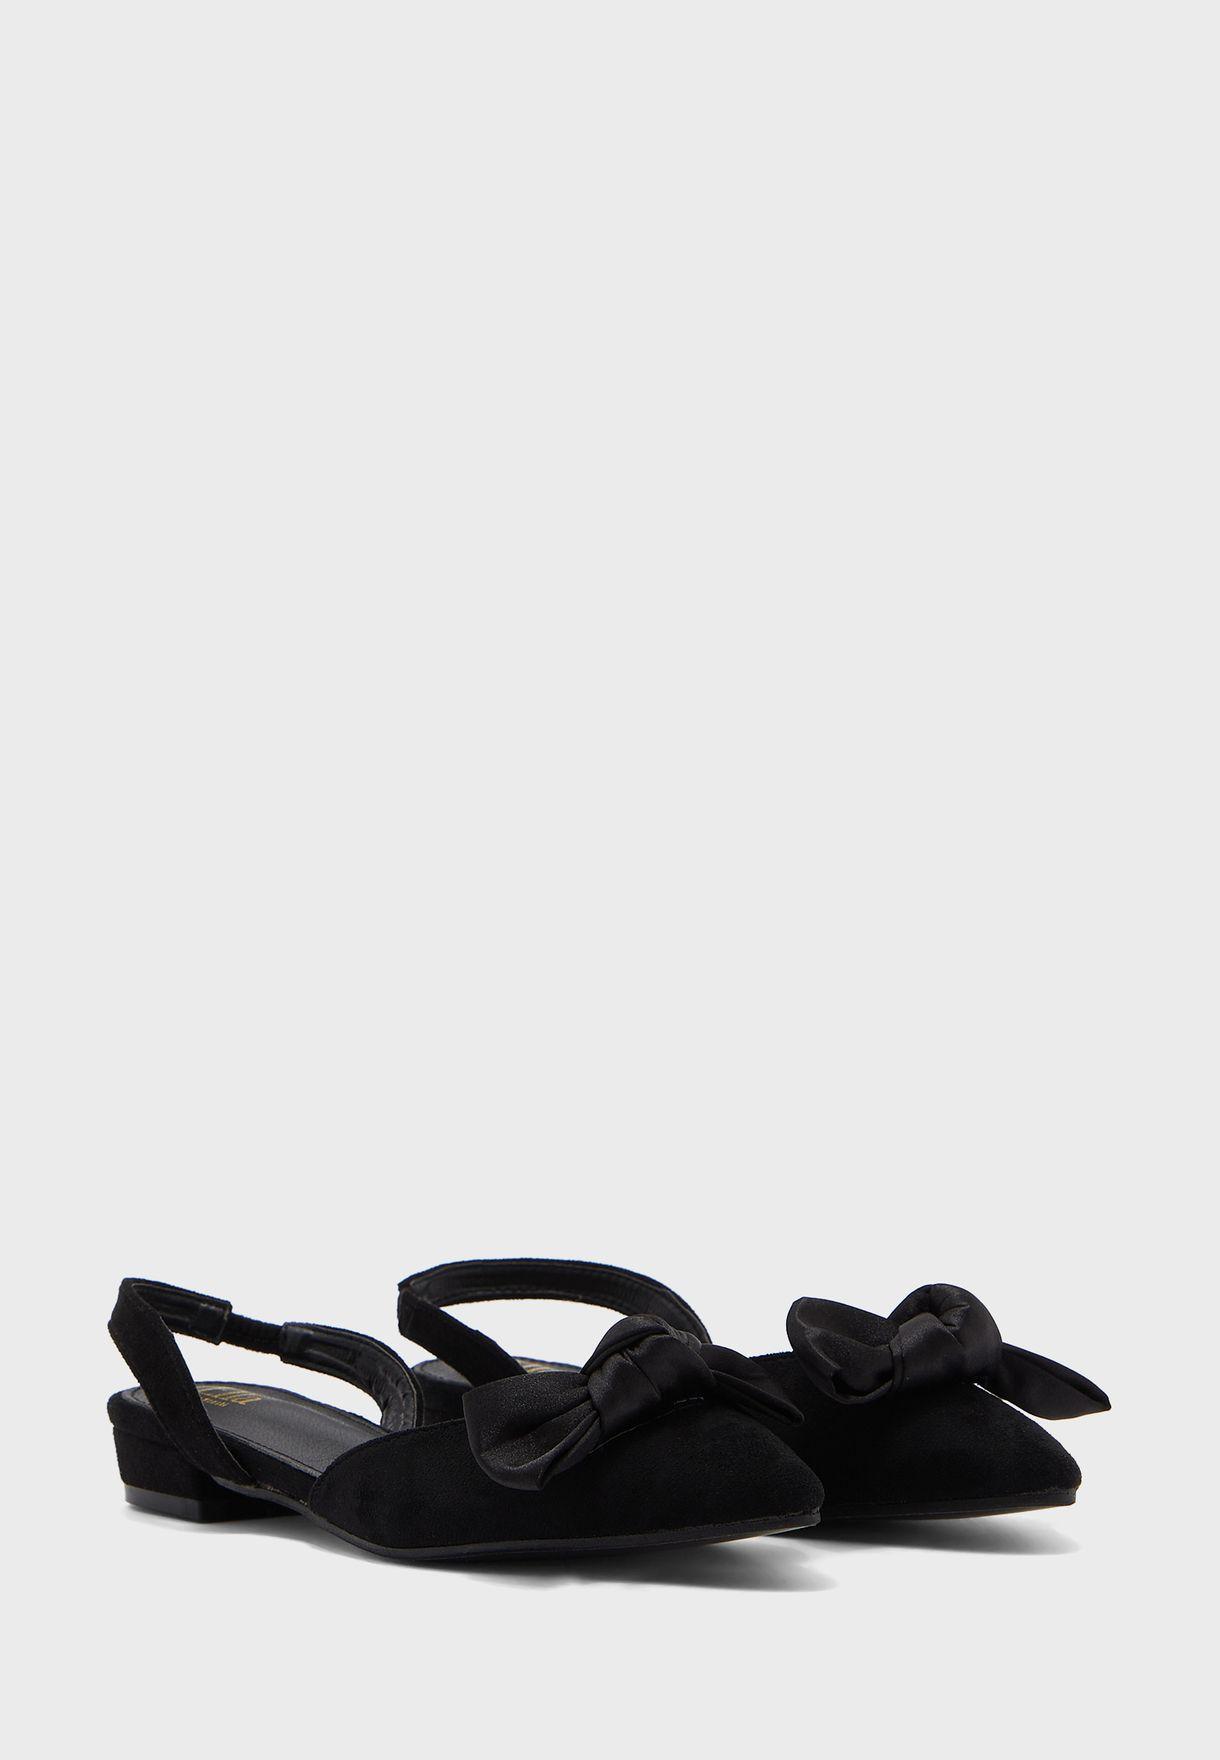 حذاء شمواه مزين بفيونكة